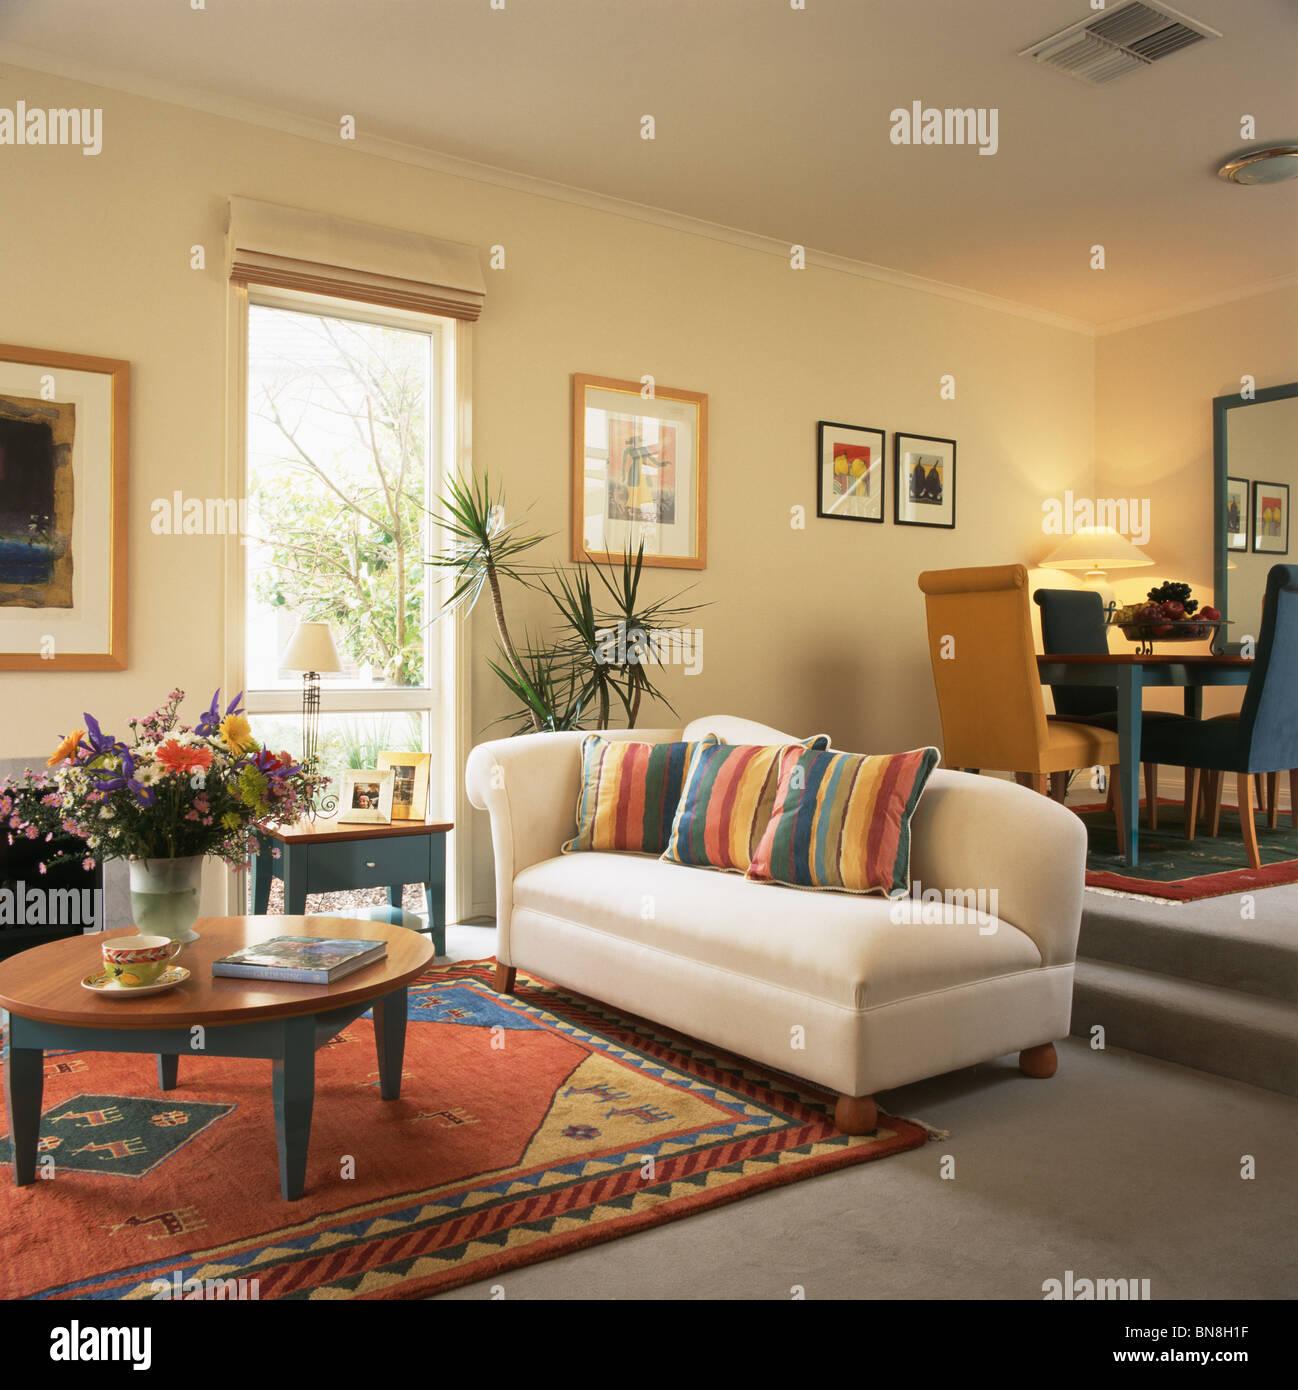 Bunt Gestreifte Kissen Auf Weißen Sofa Und Bunt Gemusterten Teppich Am  Boden In Moderner Split Level Wohnzimmer Und Esszimmer